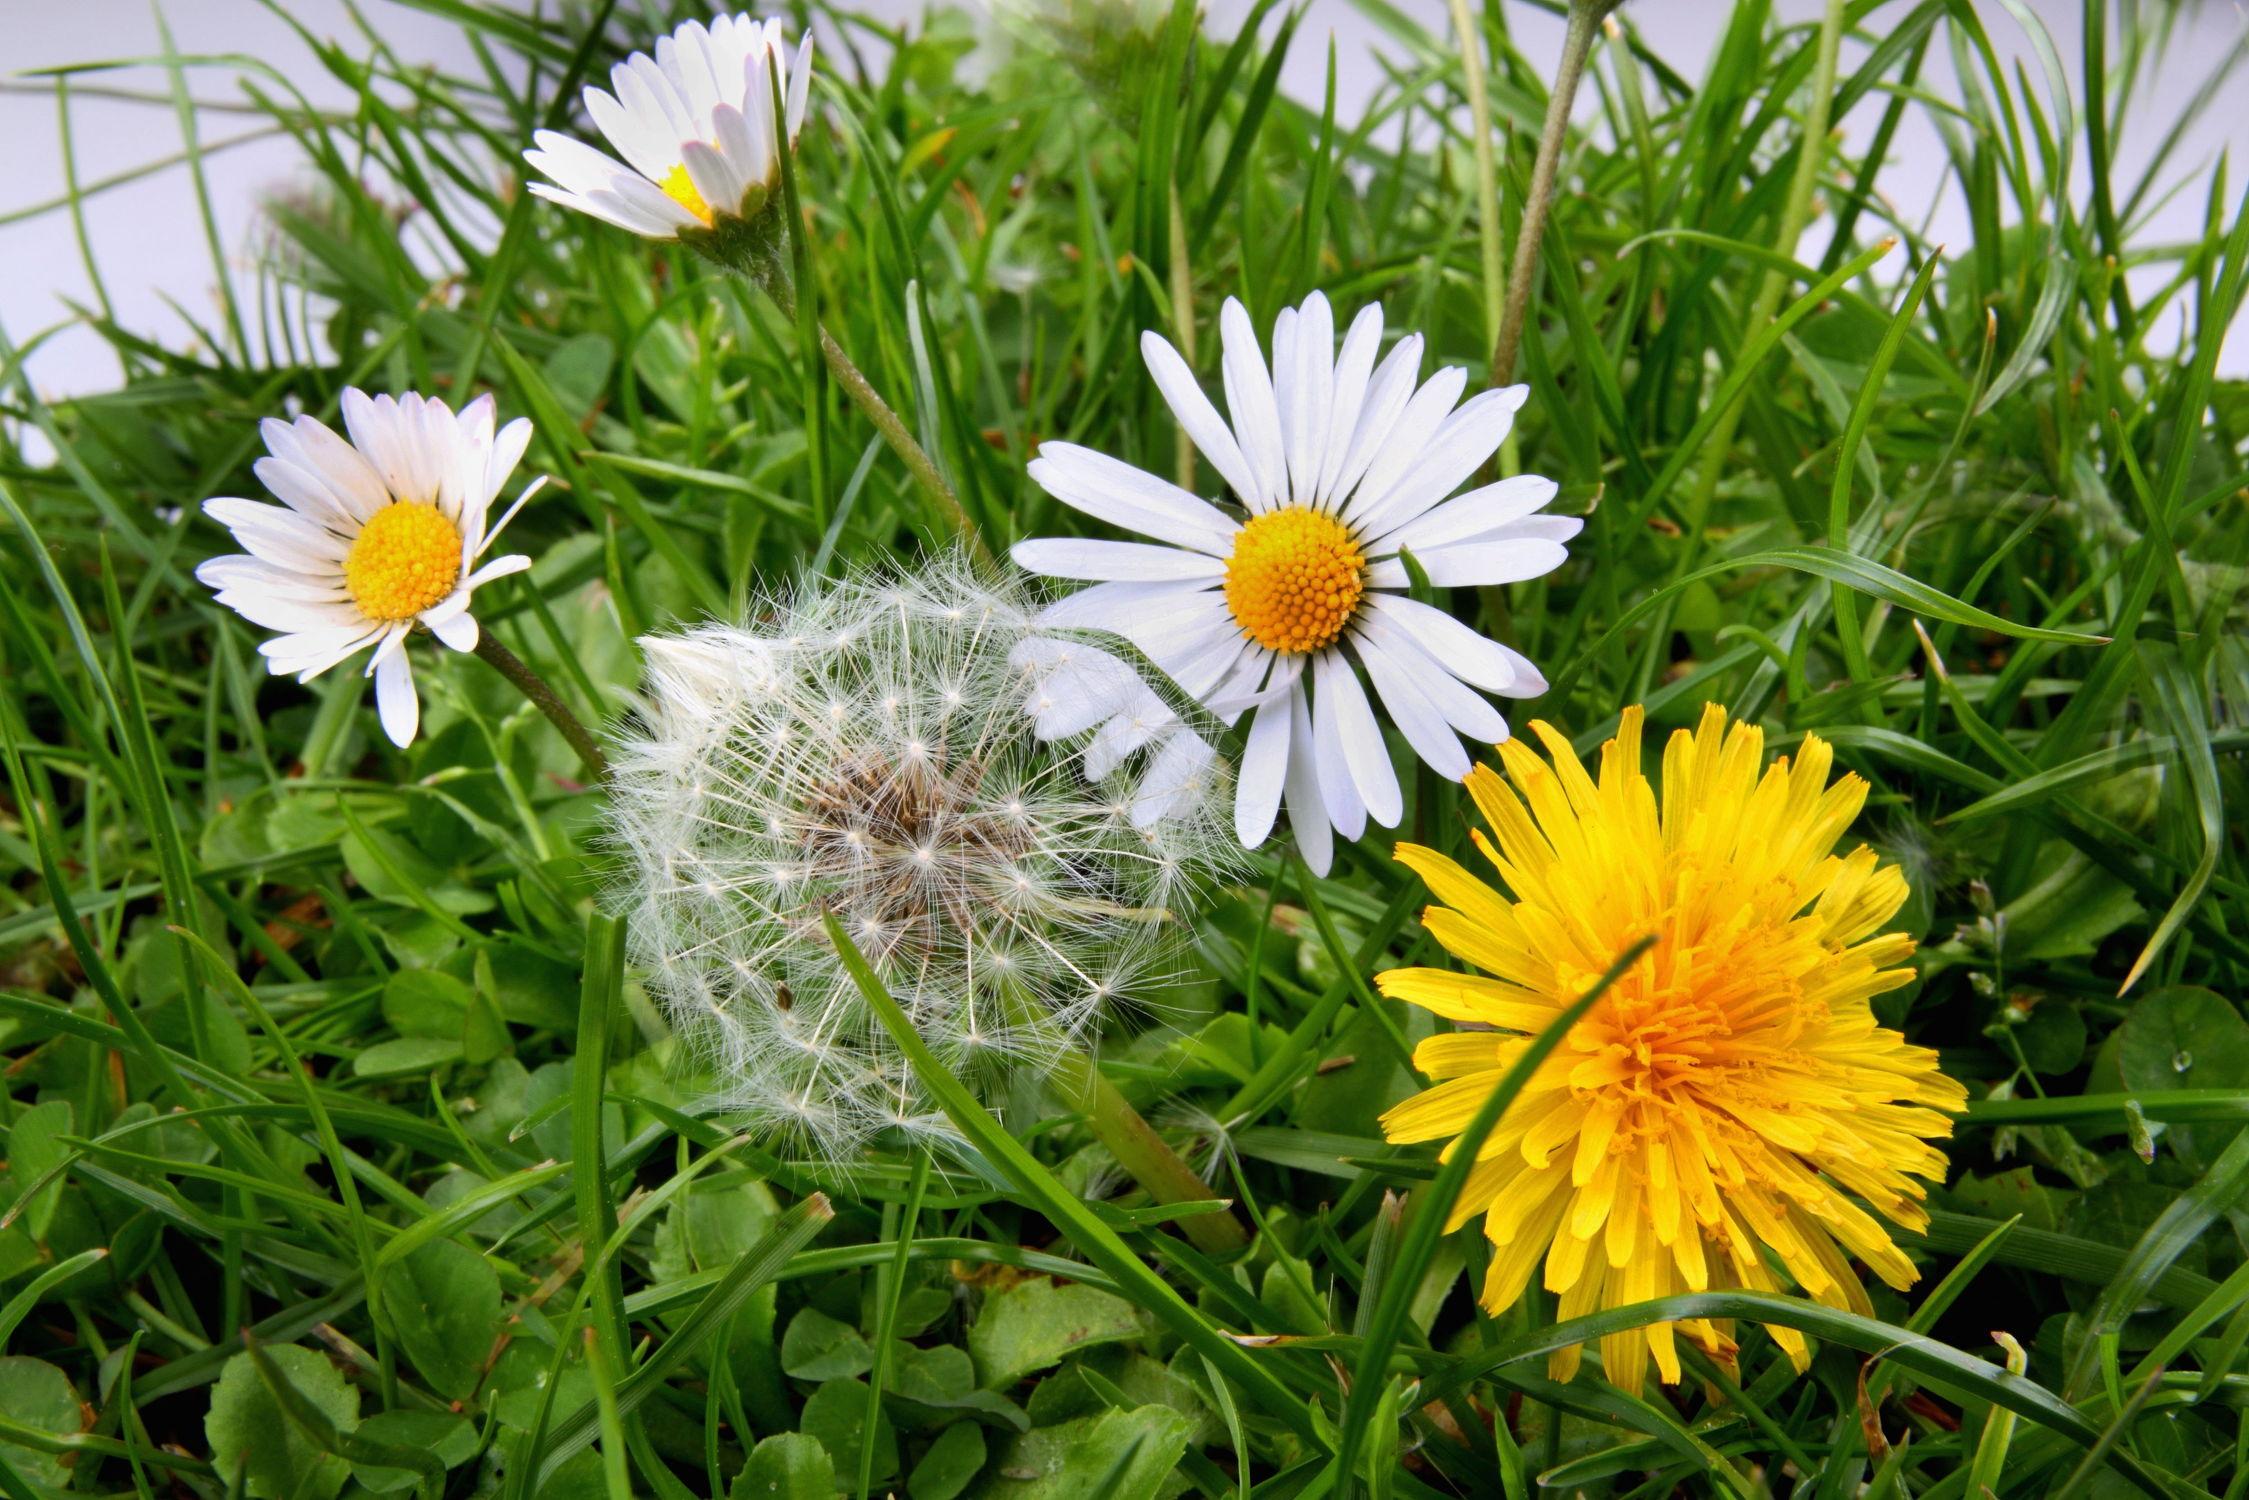 Bild mit Natur, Blumen, Blume, Gras, Wiese, Löwenzahn, Pusteblume, Fauna, Floral, Flora, gänseblümchen, Florales